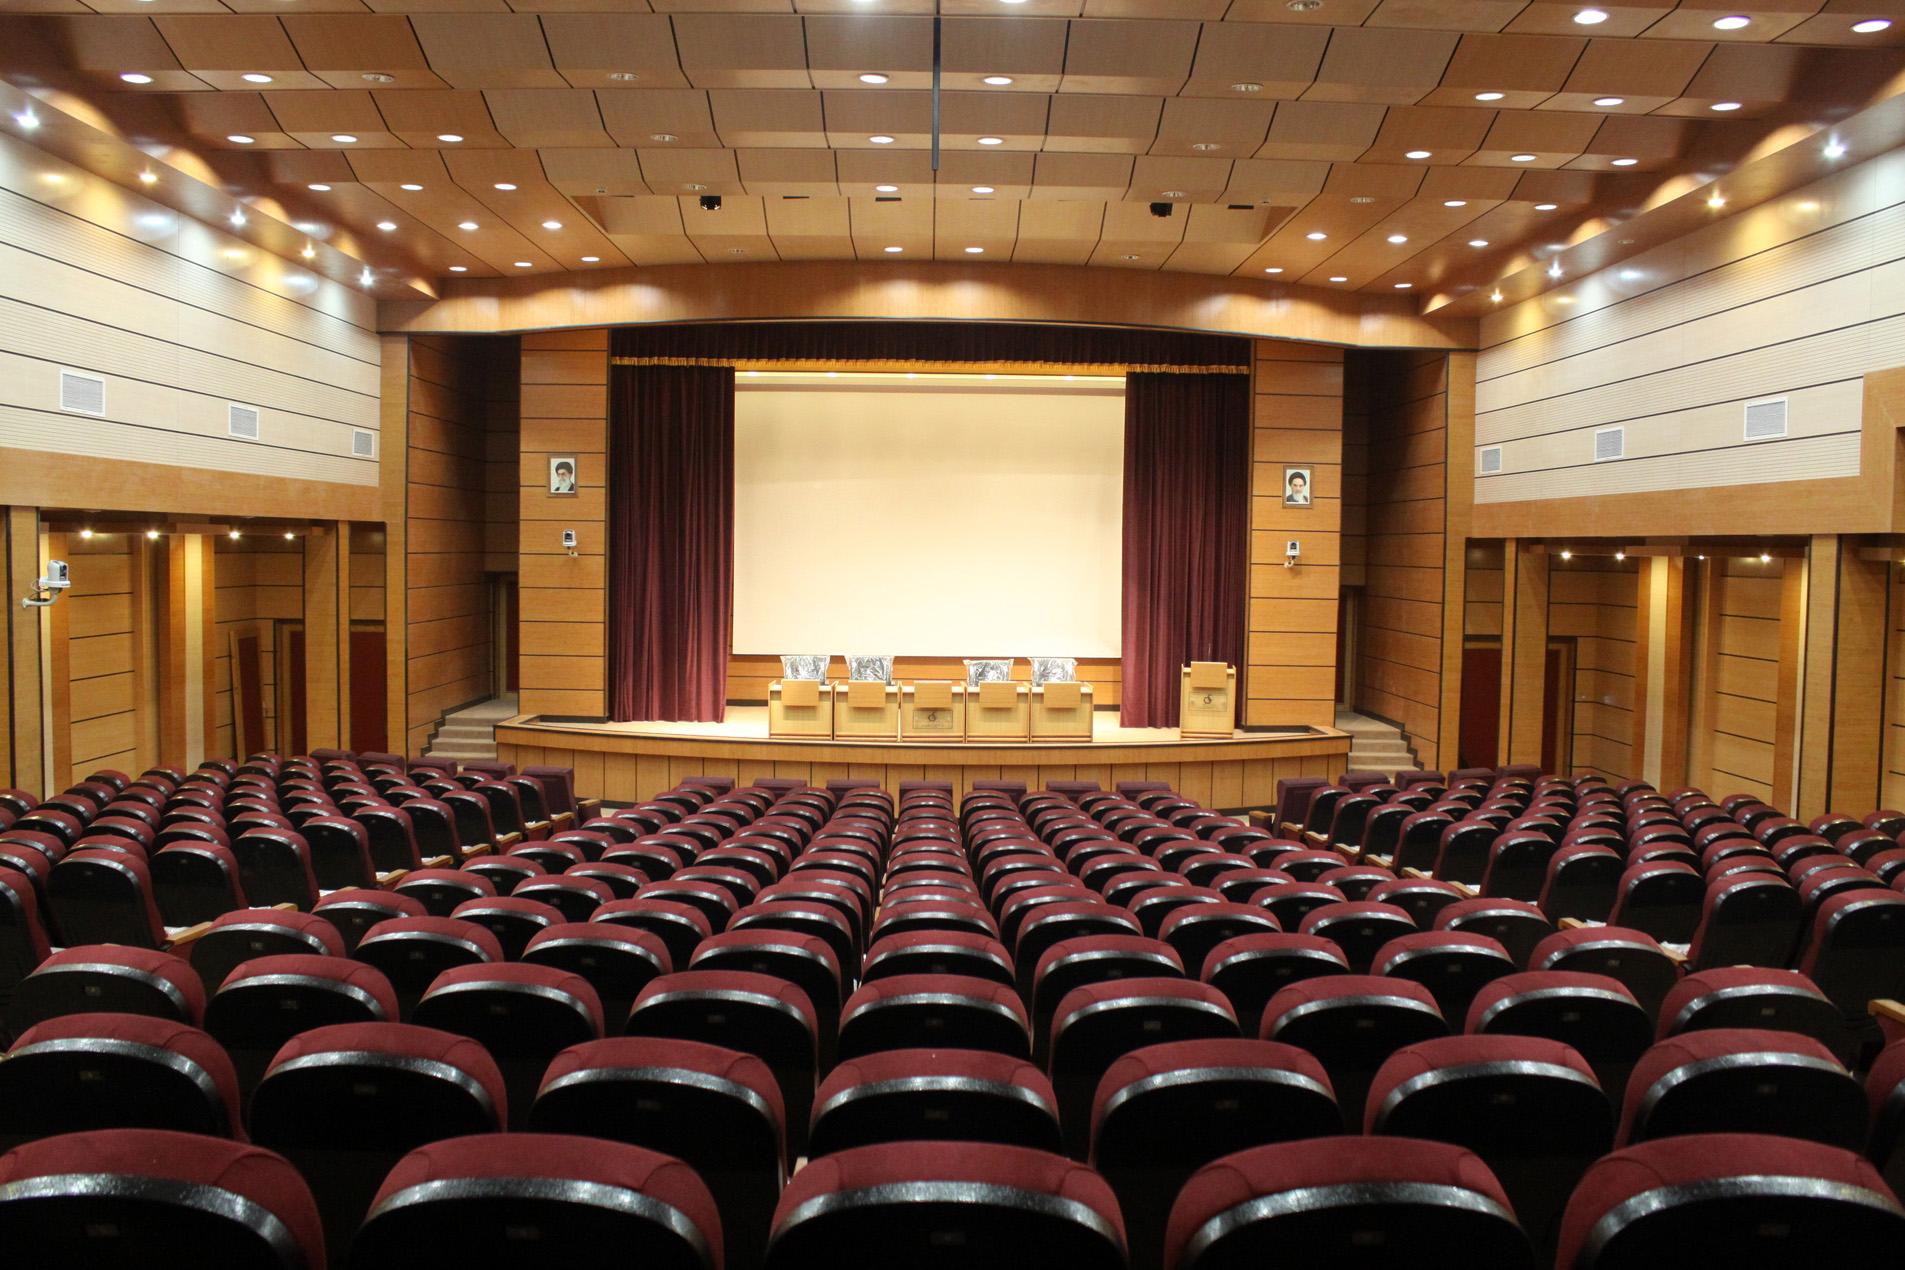 پروژه مرکز کنفرانس و اقامتی